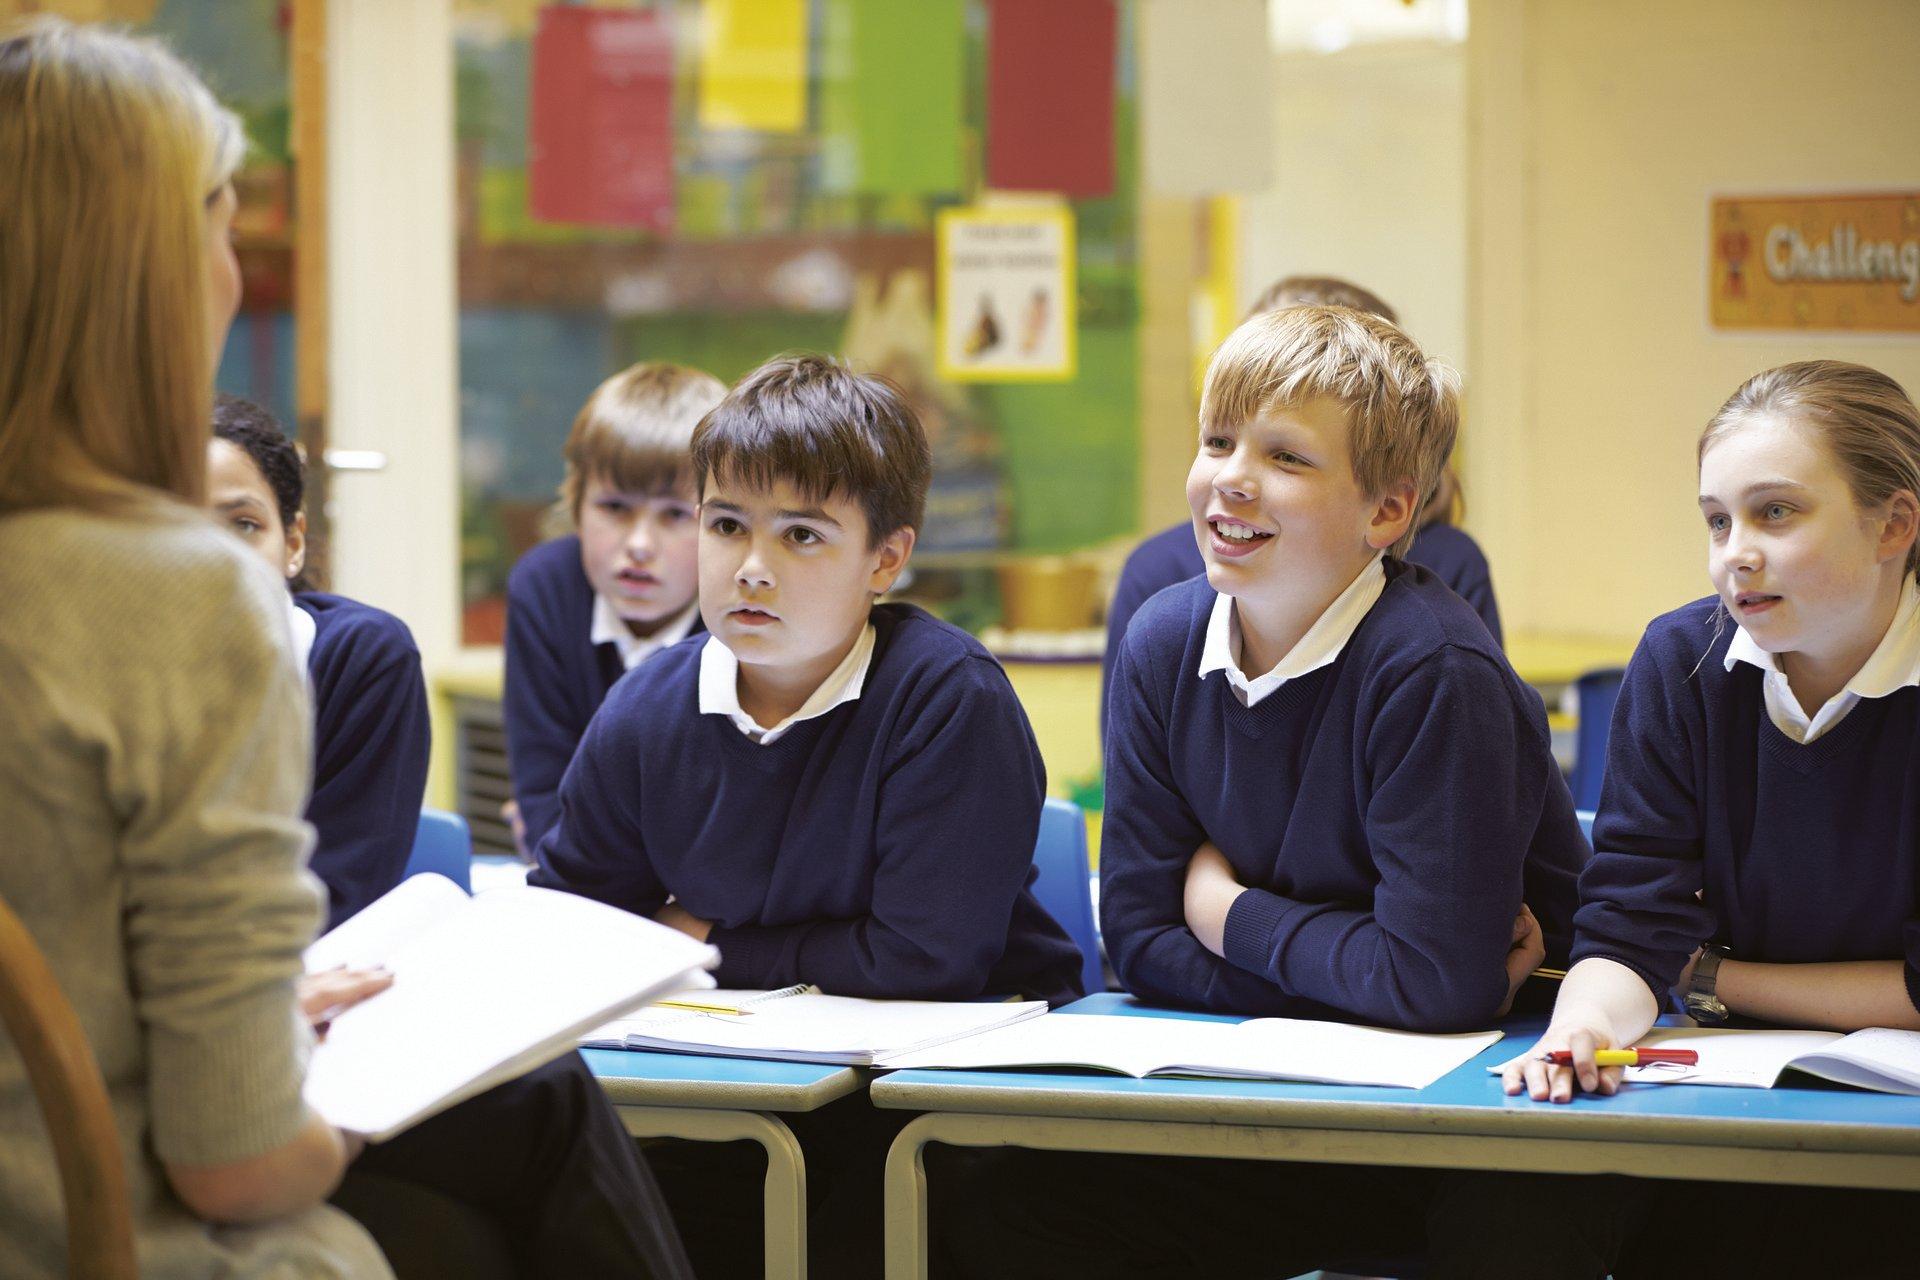 """Nauczyciele są przepracowani i mówią """"dość""""! Poznaj kulisy strajku nauczycieli [wywiad] - Zdjęcie główne"""